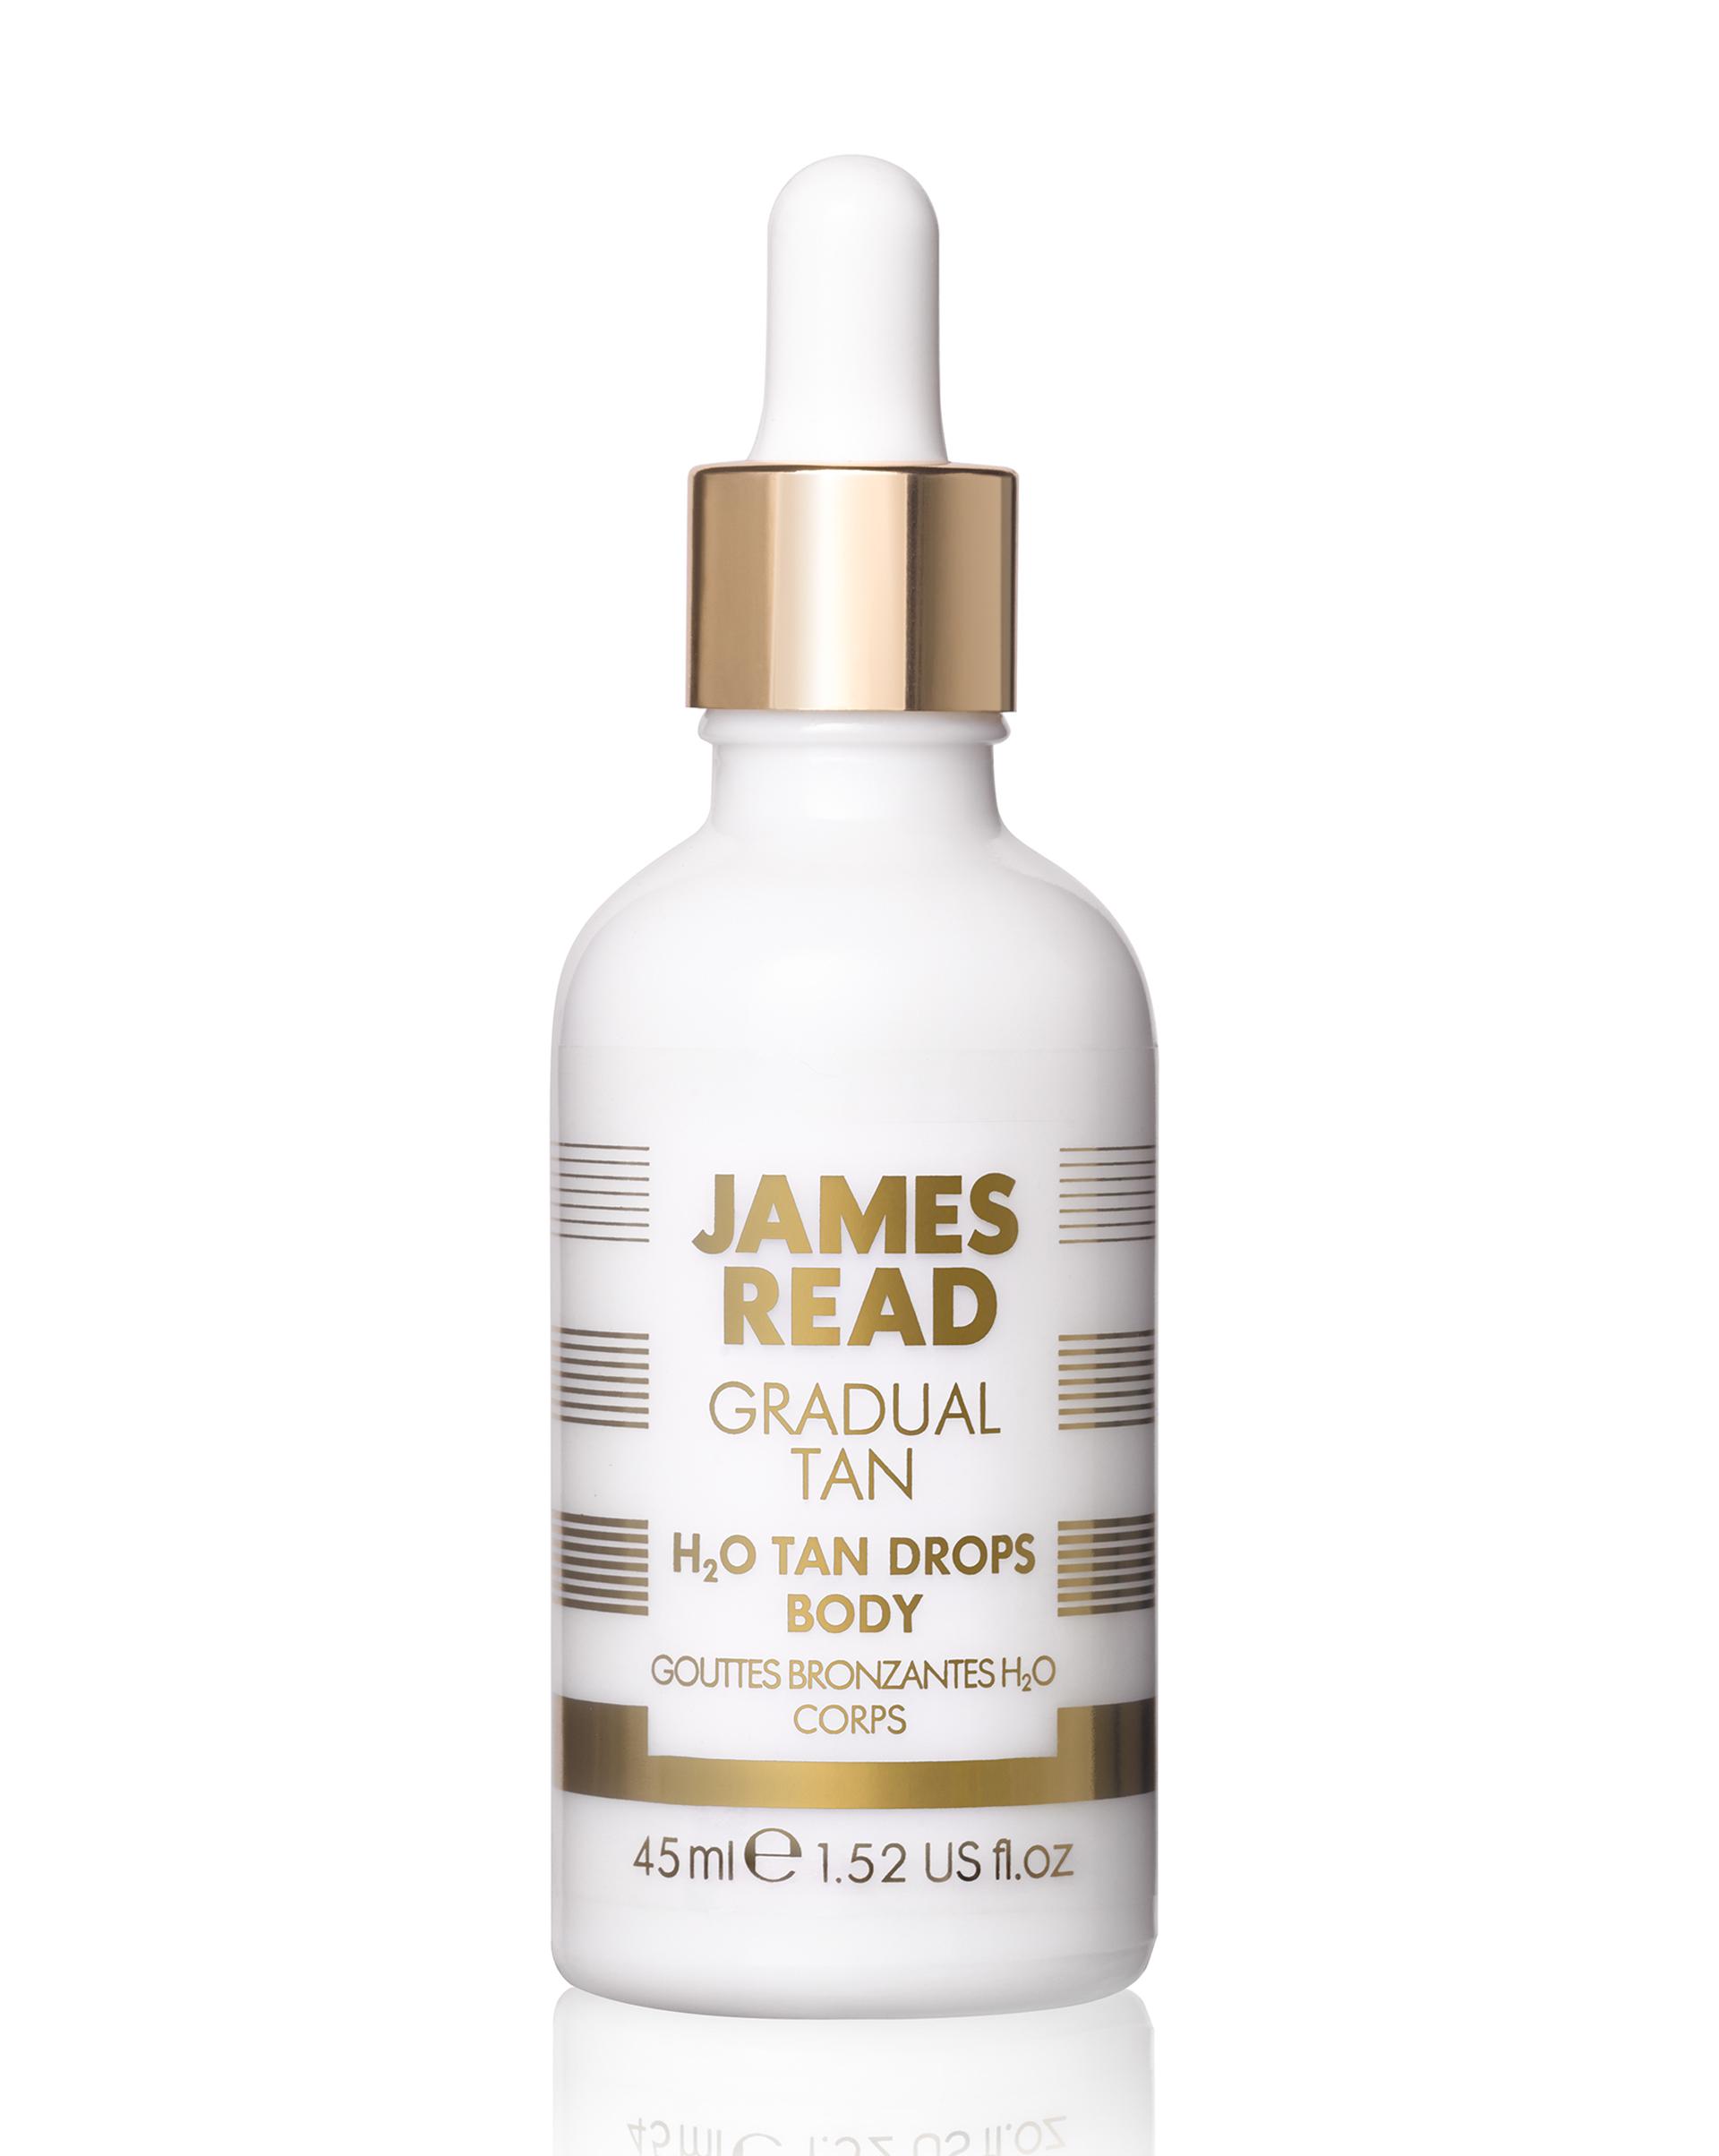 12⠀STOREEZ JAMES READ Капли-концентрат для тела H2O TAN DROPS BODY, 45мл